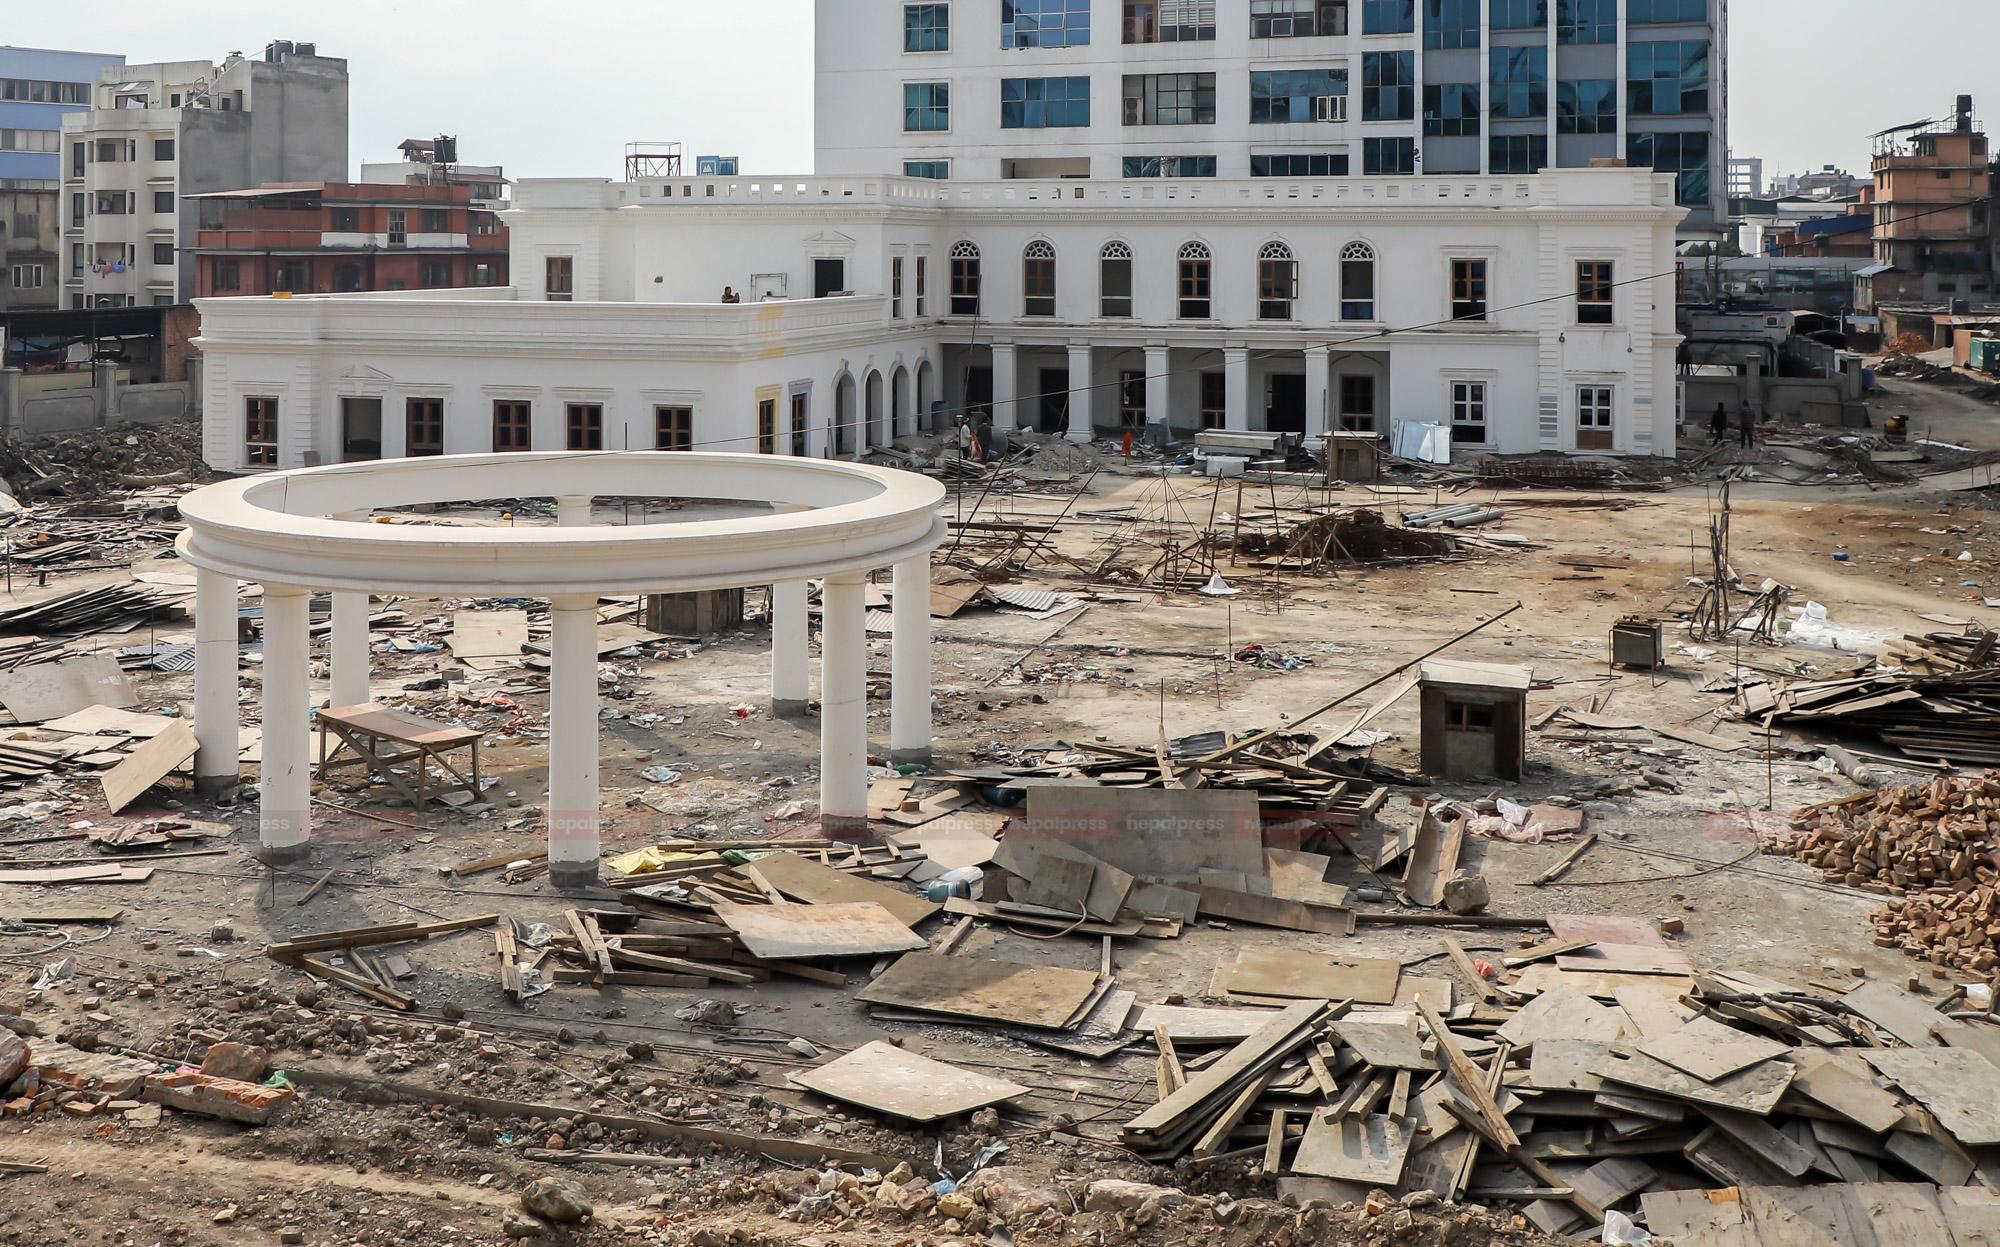 राष्ट्र बैंकः 'रेन बसेरा'देखि अत्याधुनिक भवनसम्म